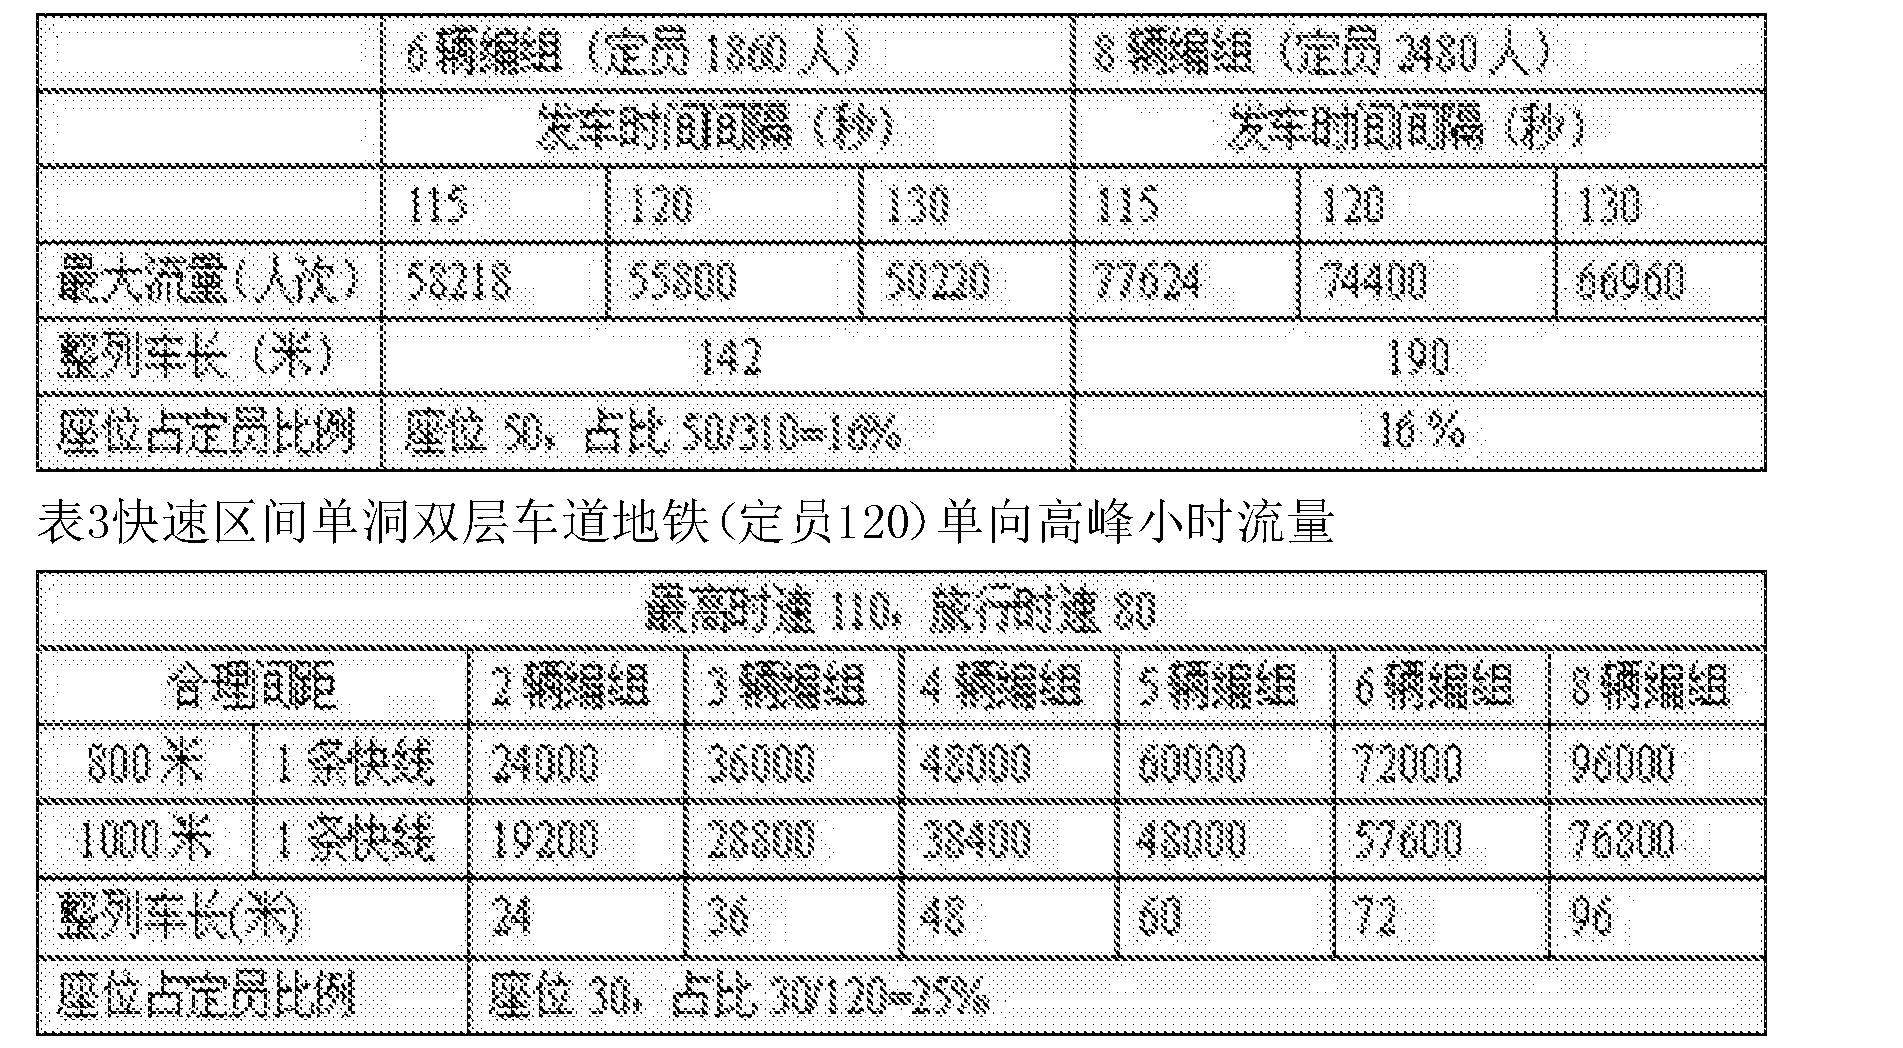 Figure CN104816732BD00121